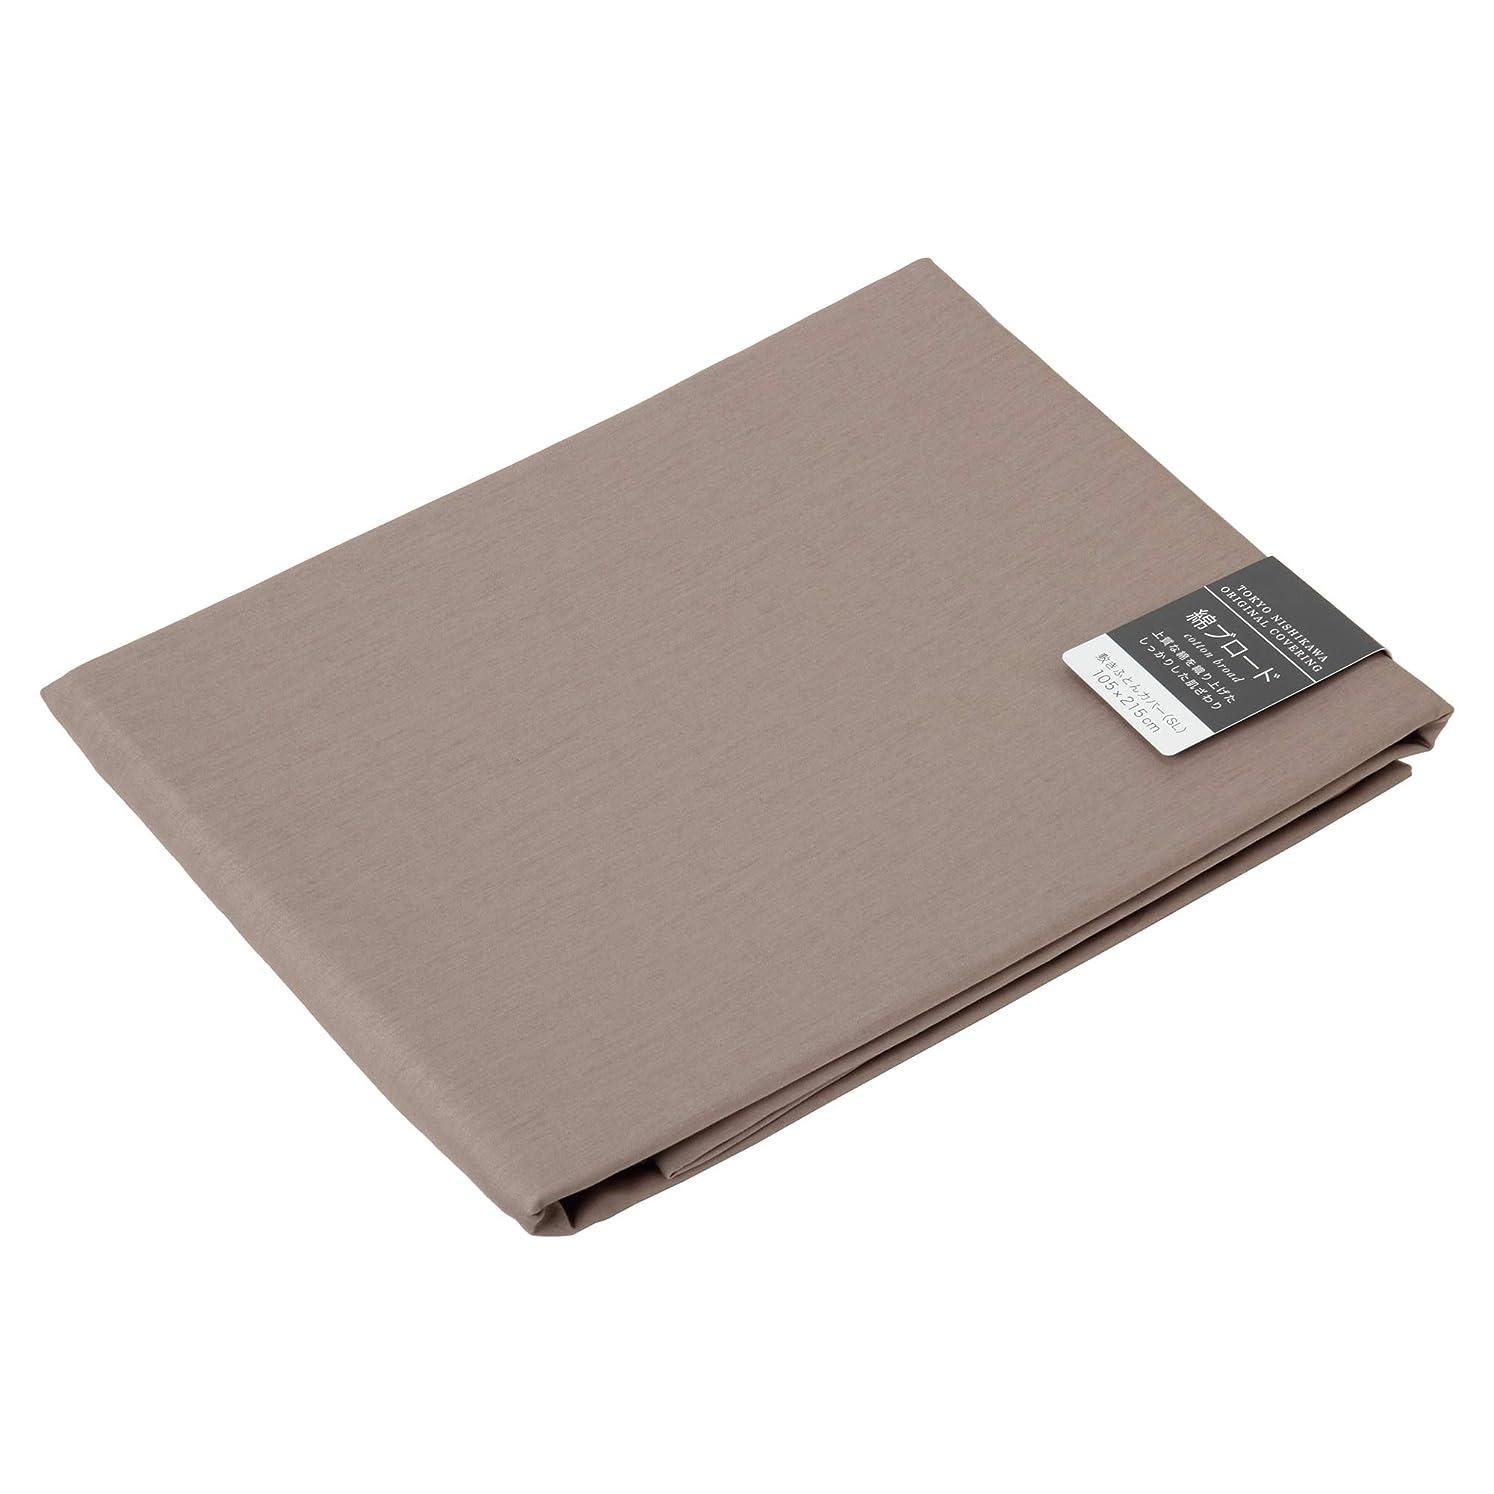 単に拡張西川(Nishikawa) 敷布団カバー グレー ダブル 日本製 綿100% 無地 吸水性 耐久性 ボーテ PTG6558902GR